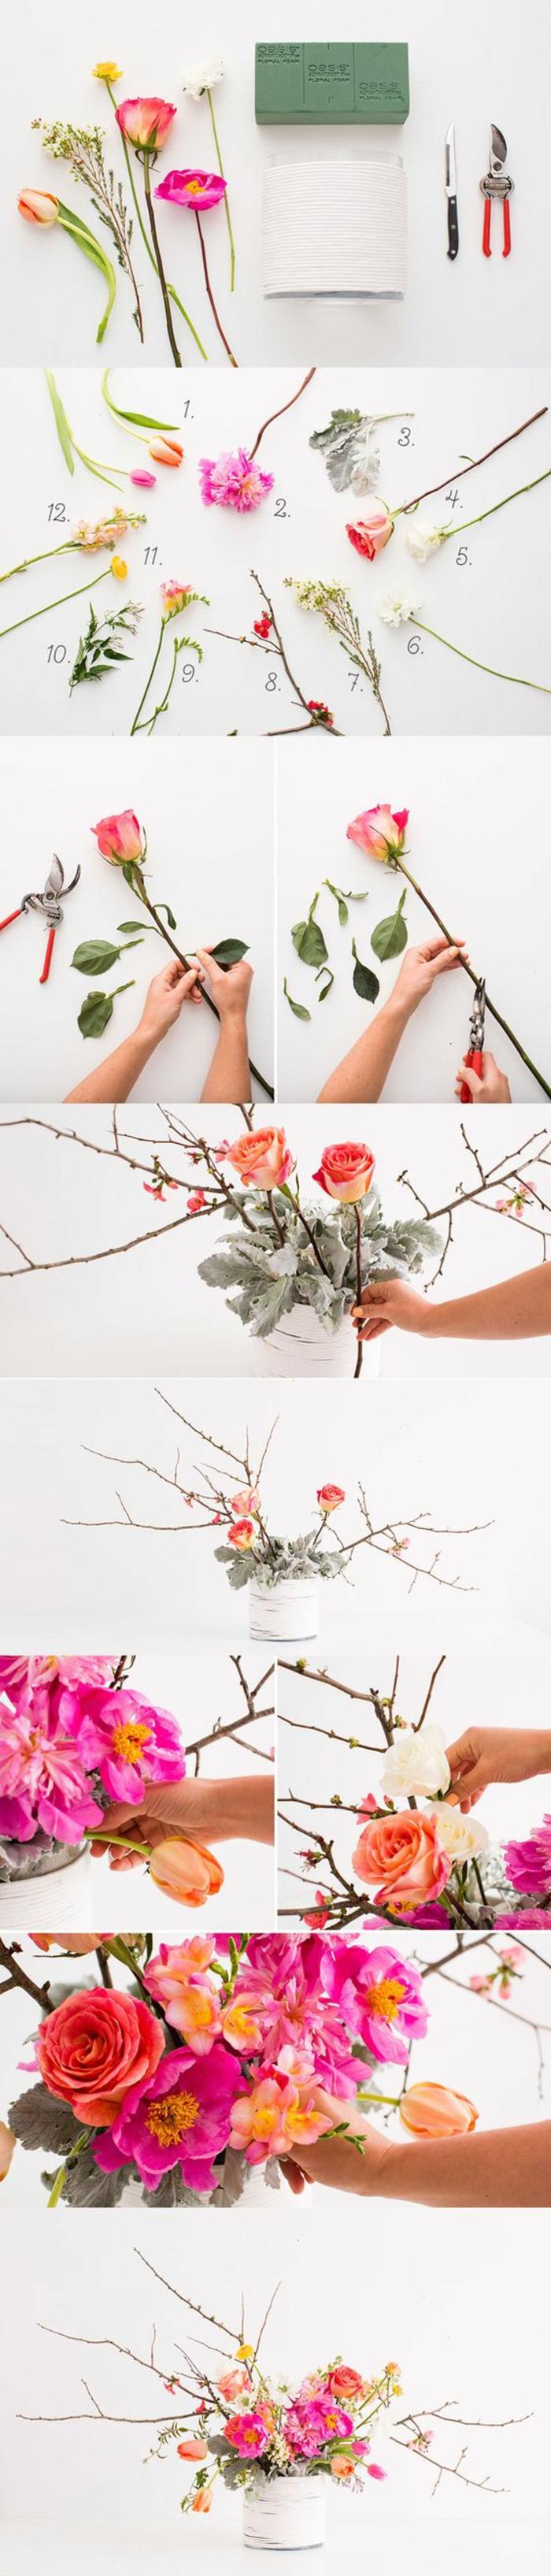 frühlingsdeko basteln, weiße vase, rosa blumen, zweige, tischdeko